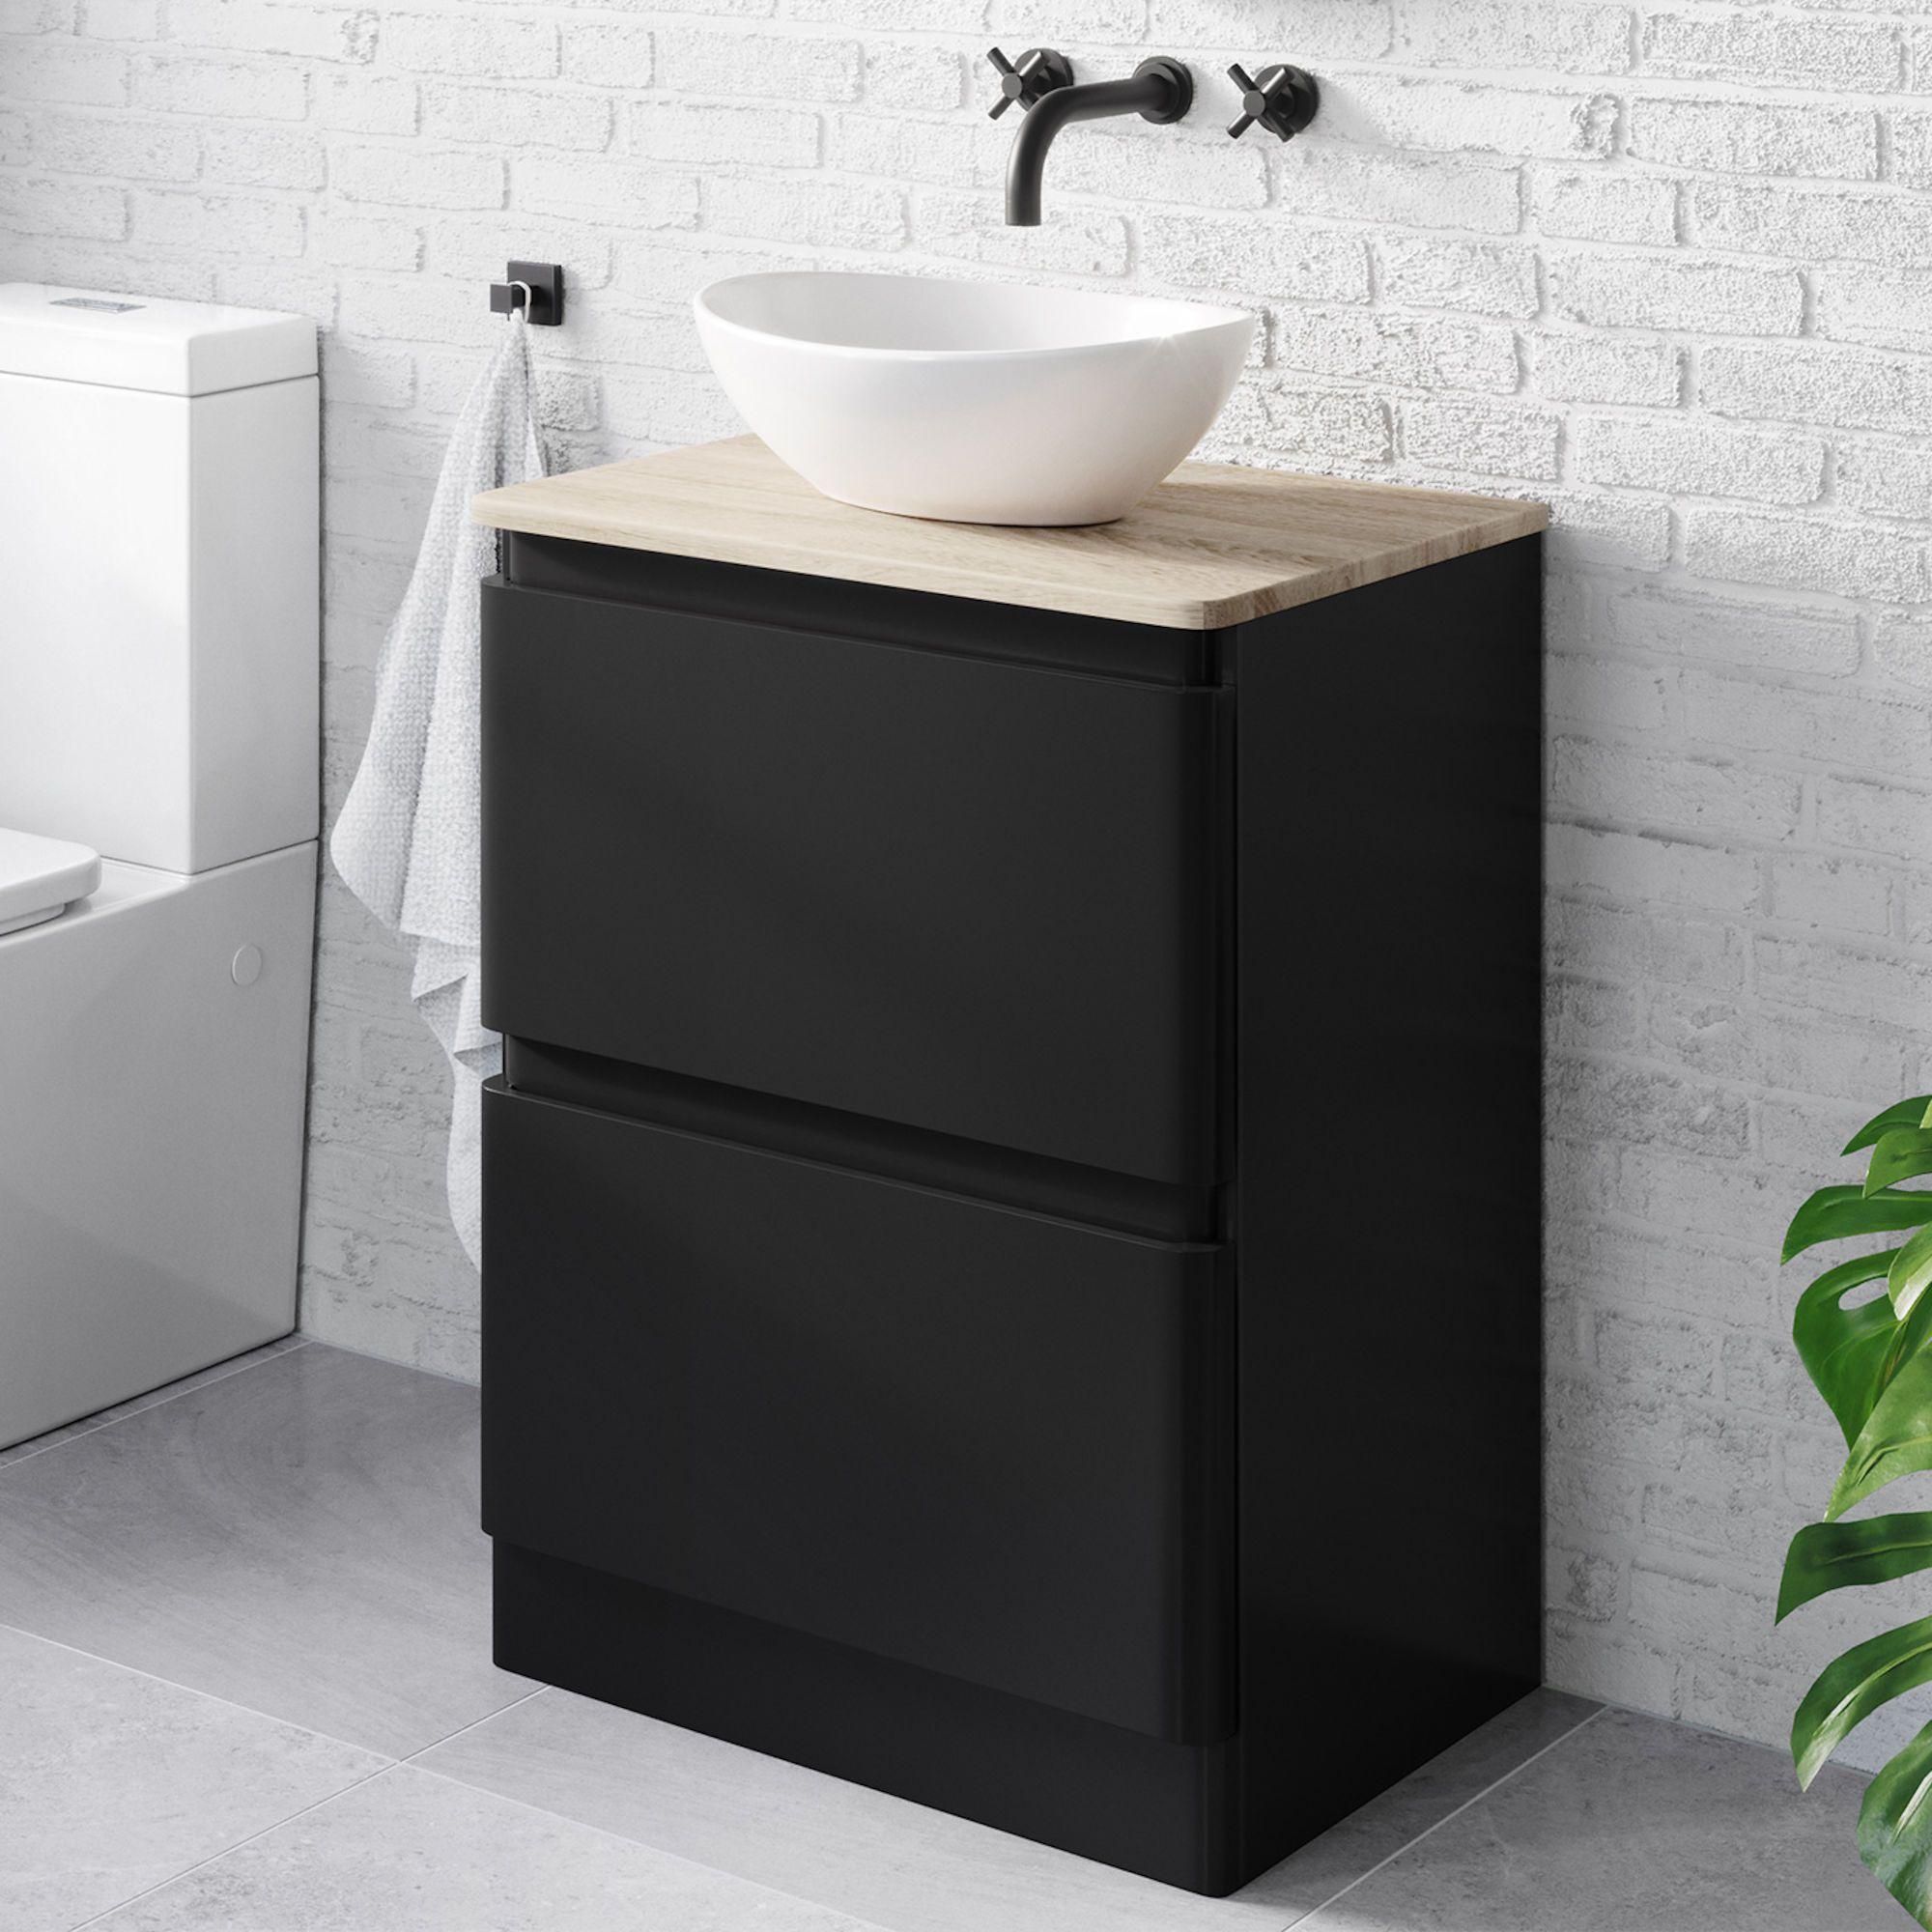 Black Vanity Unit Counter Top Sink Black Sink Vanity Soak Com Vanity Sink Vanity Units Black Sink